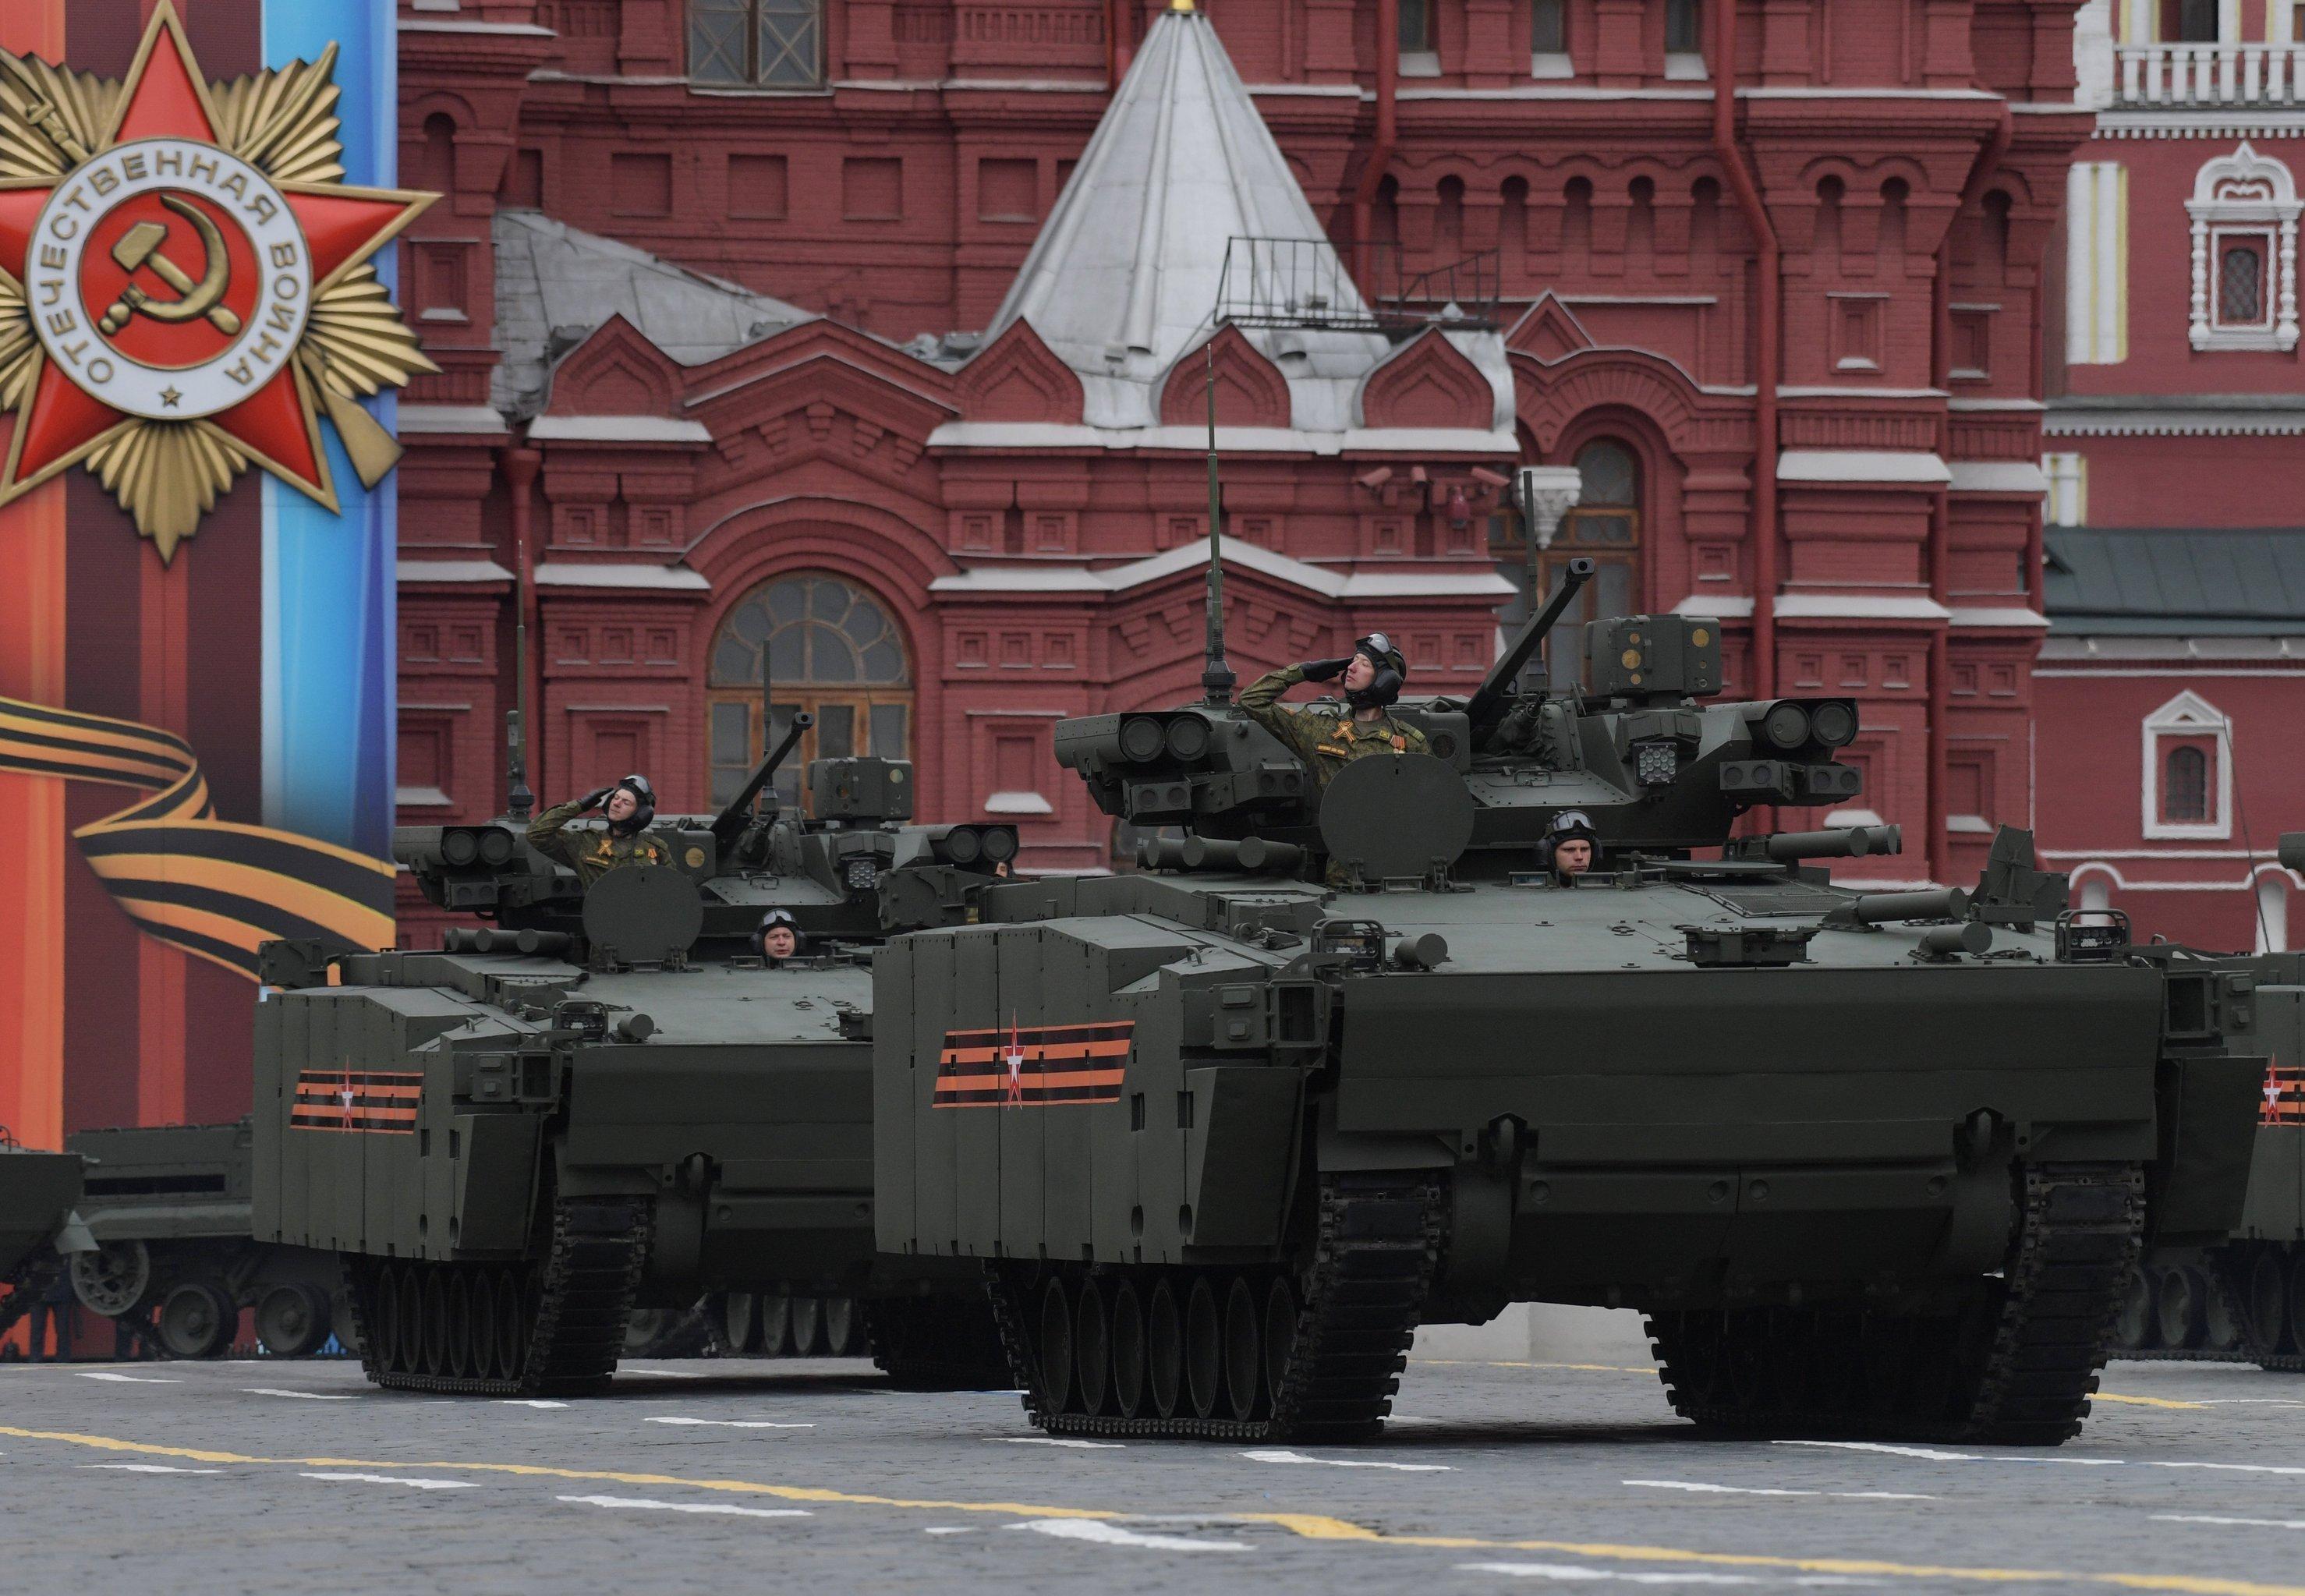 Боевая машина пехоты (БМП) на гусеничной платформе Курганец-25 на военном параде на Красной площади